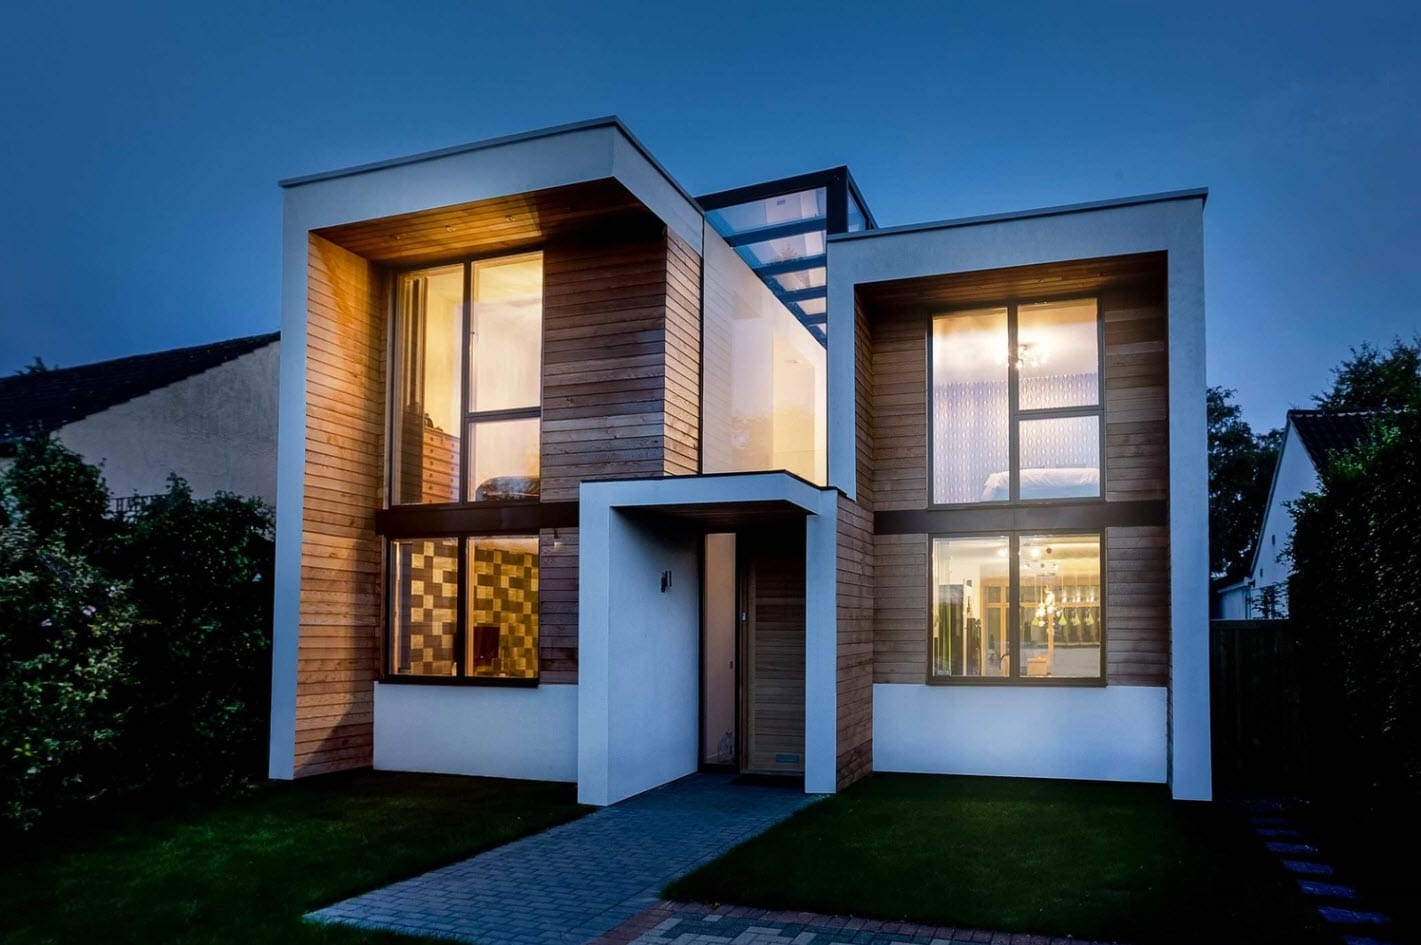 Dise o casa moderna de dos pisos construye hogar for Fachadas modernas para casas de dos pisos